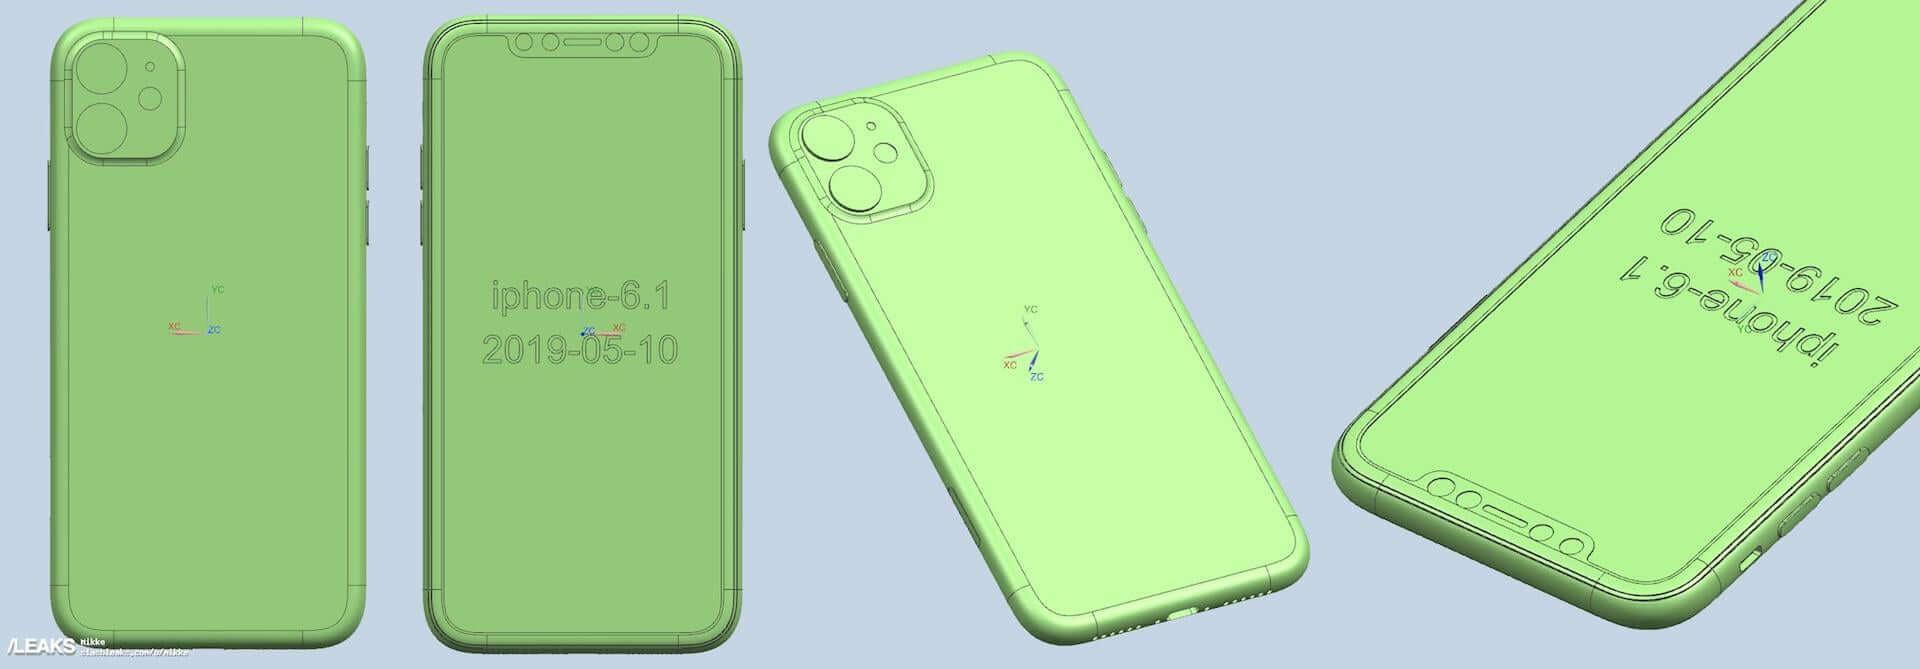 iPhone XIのCADレンダリング画像が公開|カメラはやはりトリプルカメラに? tech190702_iphone11_cad_1-1920x669